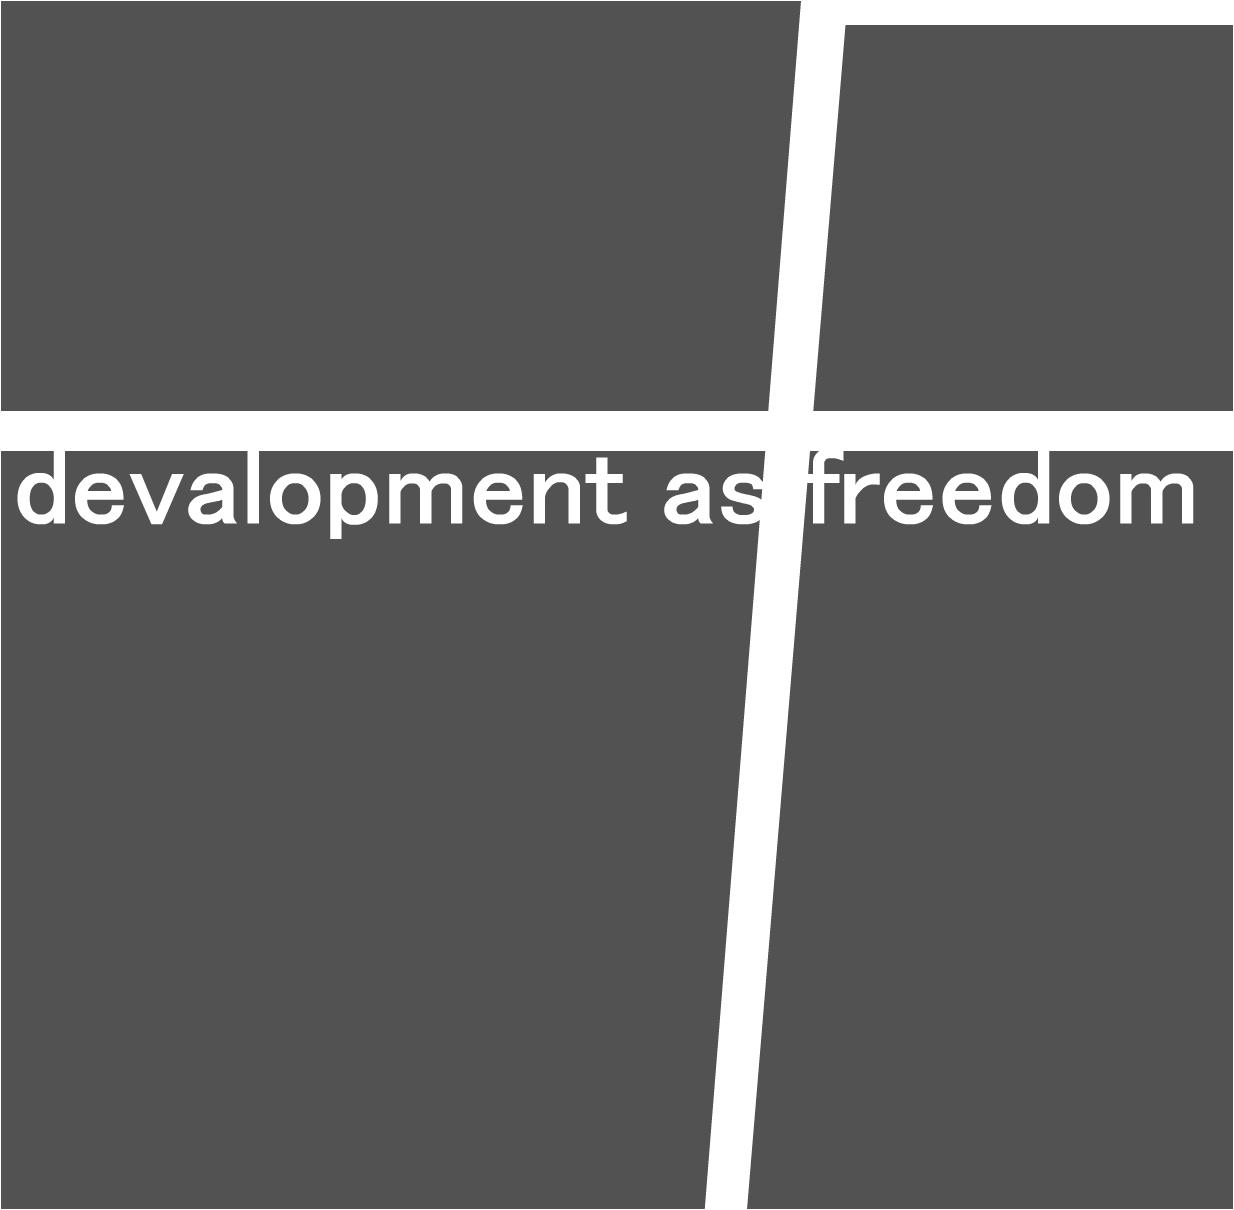 株式会社自由開発コンサルタント